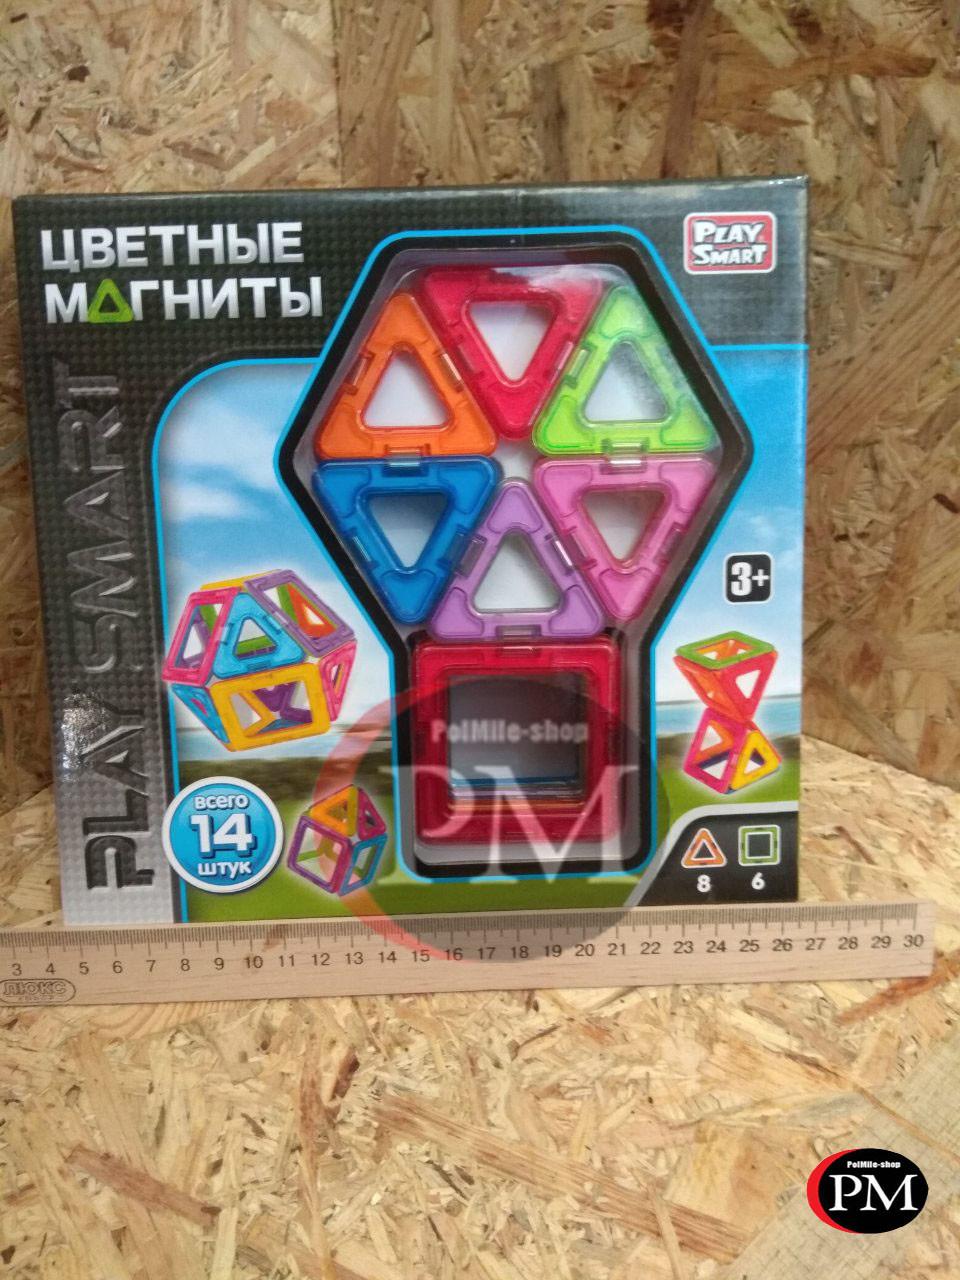 Конструктор Play Smart - магнитный (14 дет.)